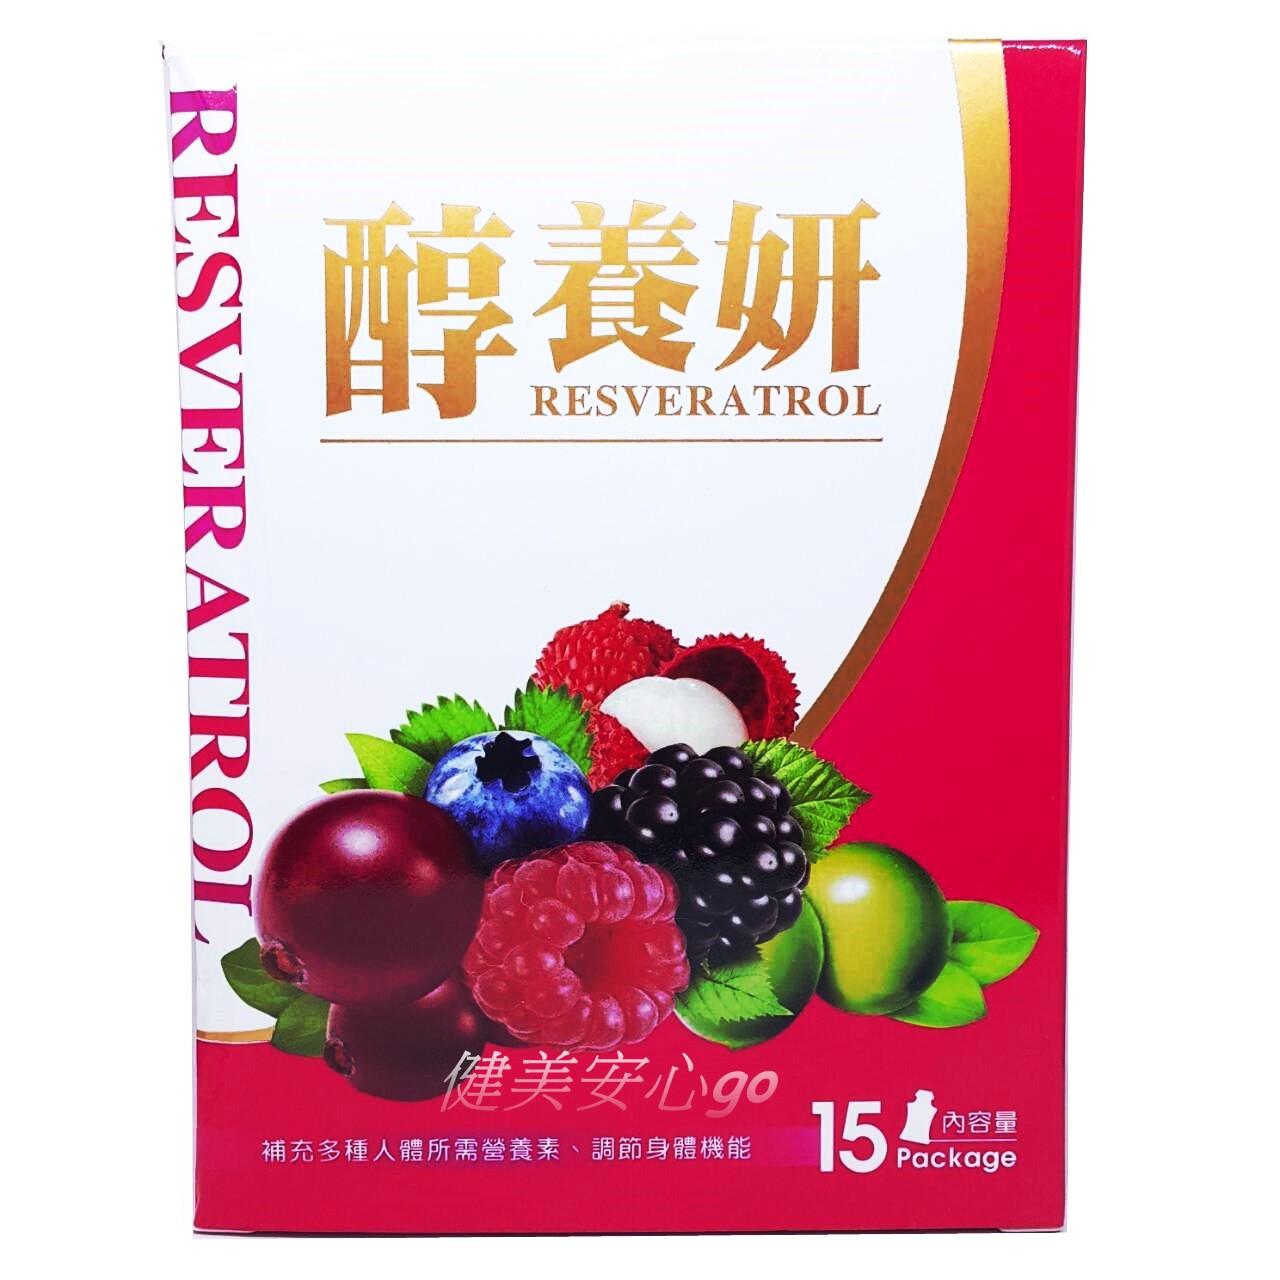 ★現貨★【醇養妍15包*1盒】❤健美安心go❤ 白藜蘆醇